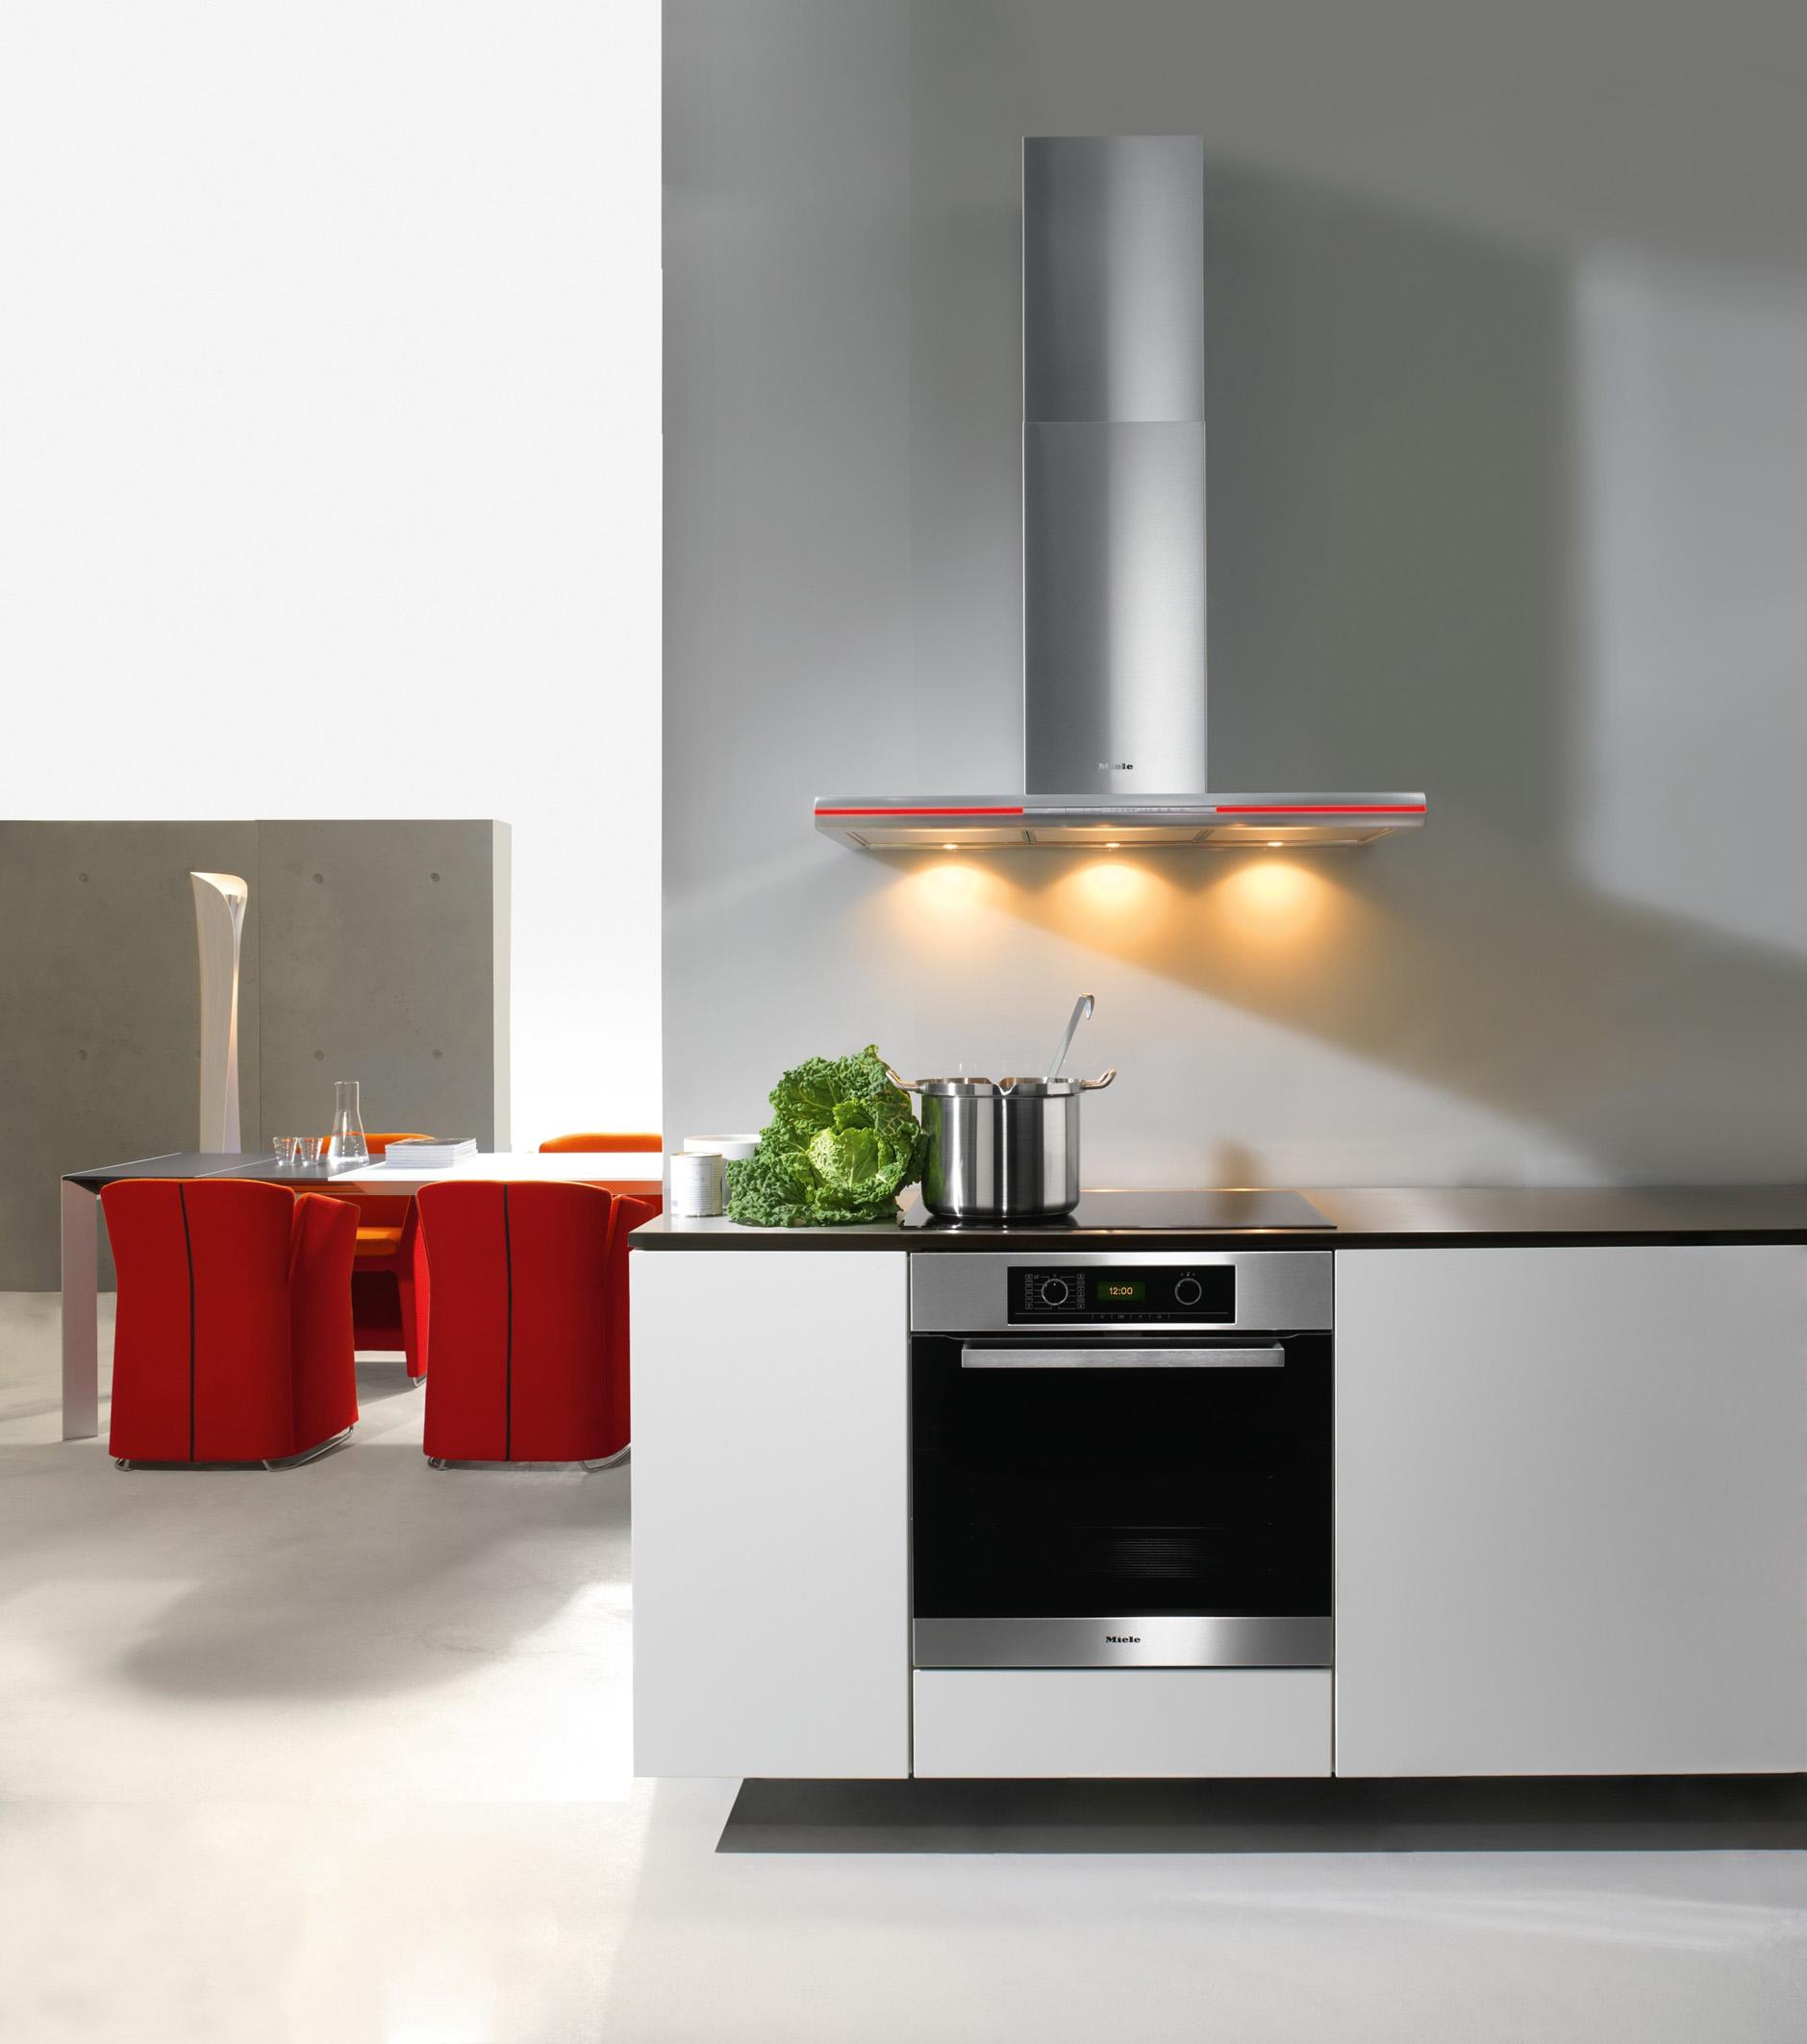 miele vier mal ausgezeichnet. Black Bedroom Furniture Sets. Home Design Ideas